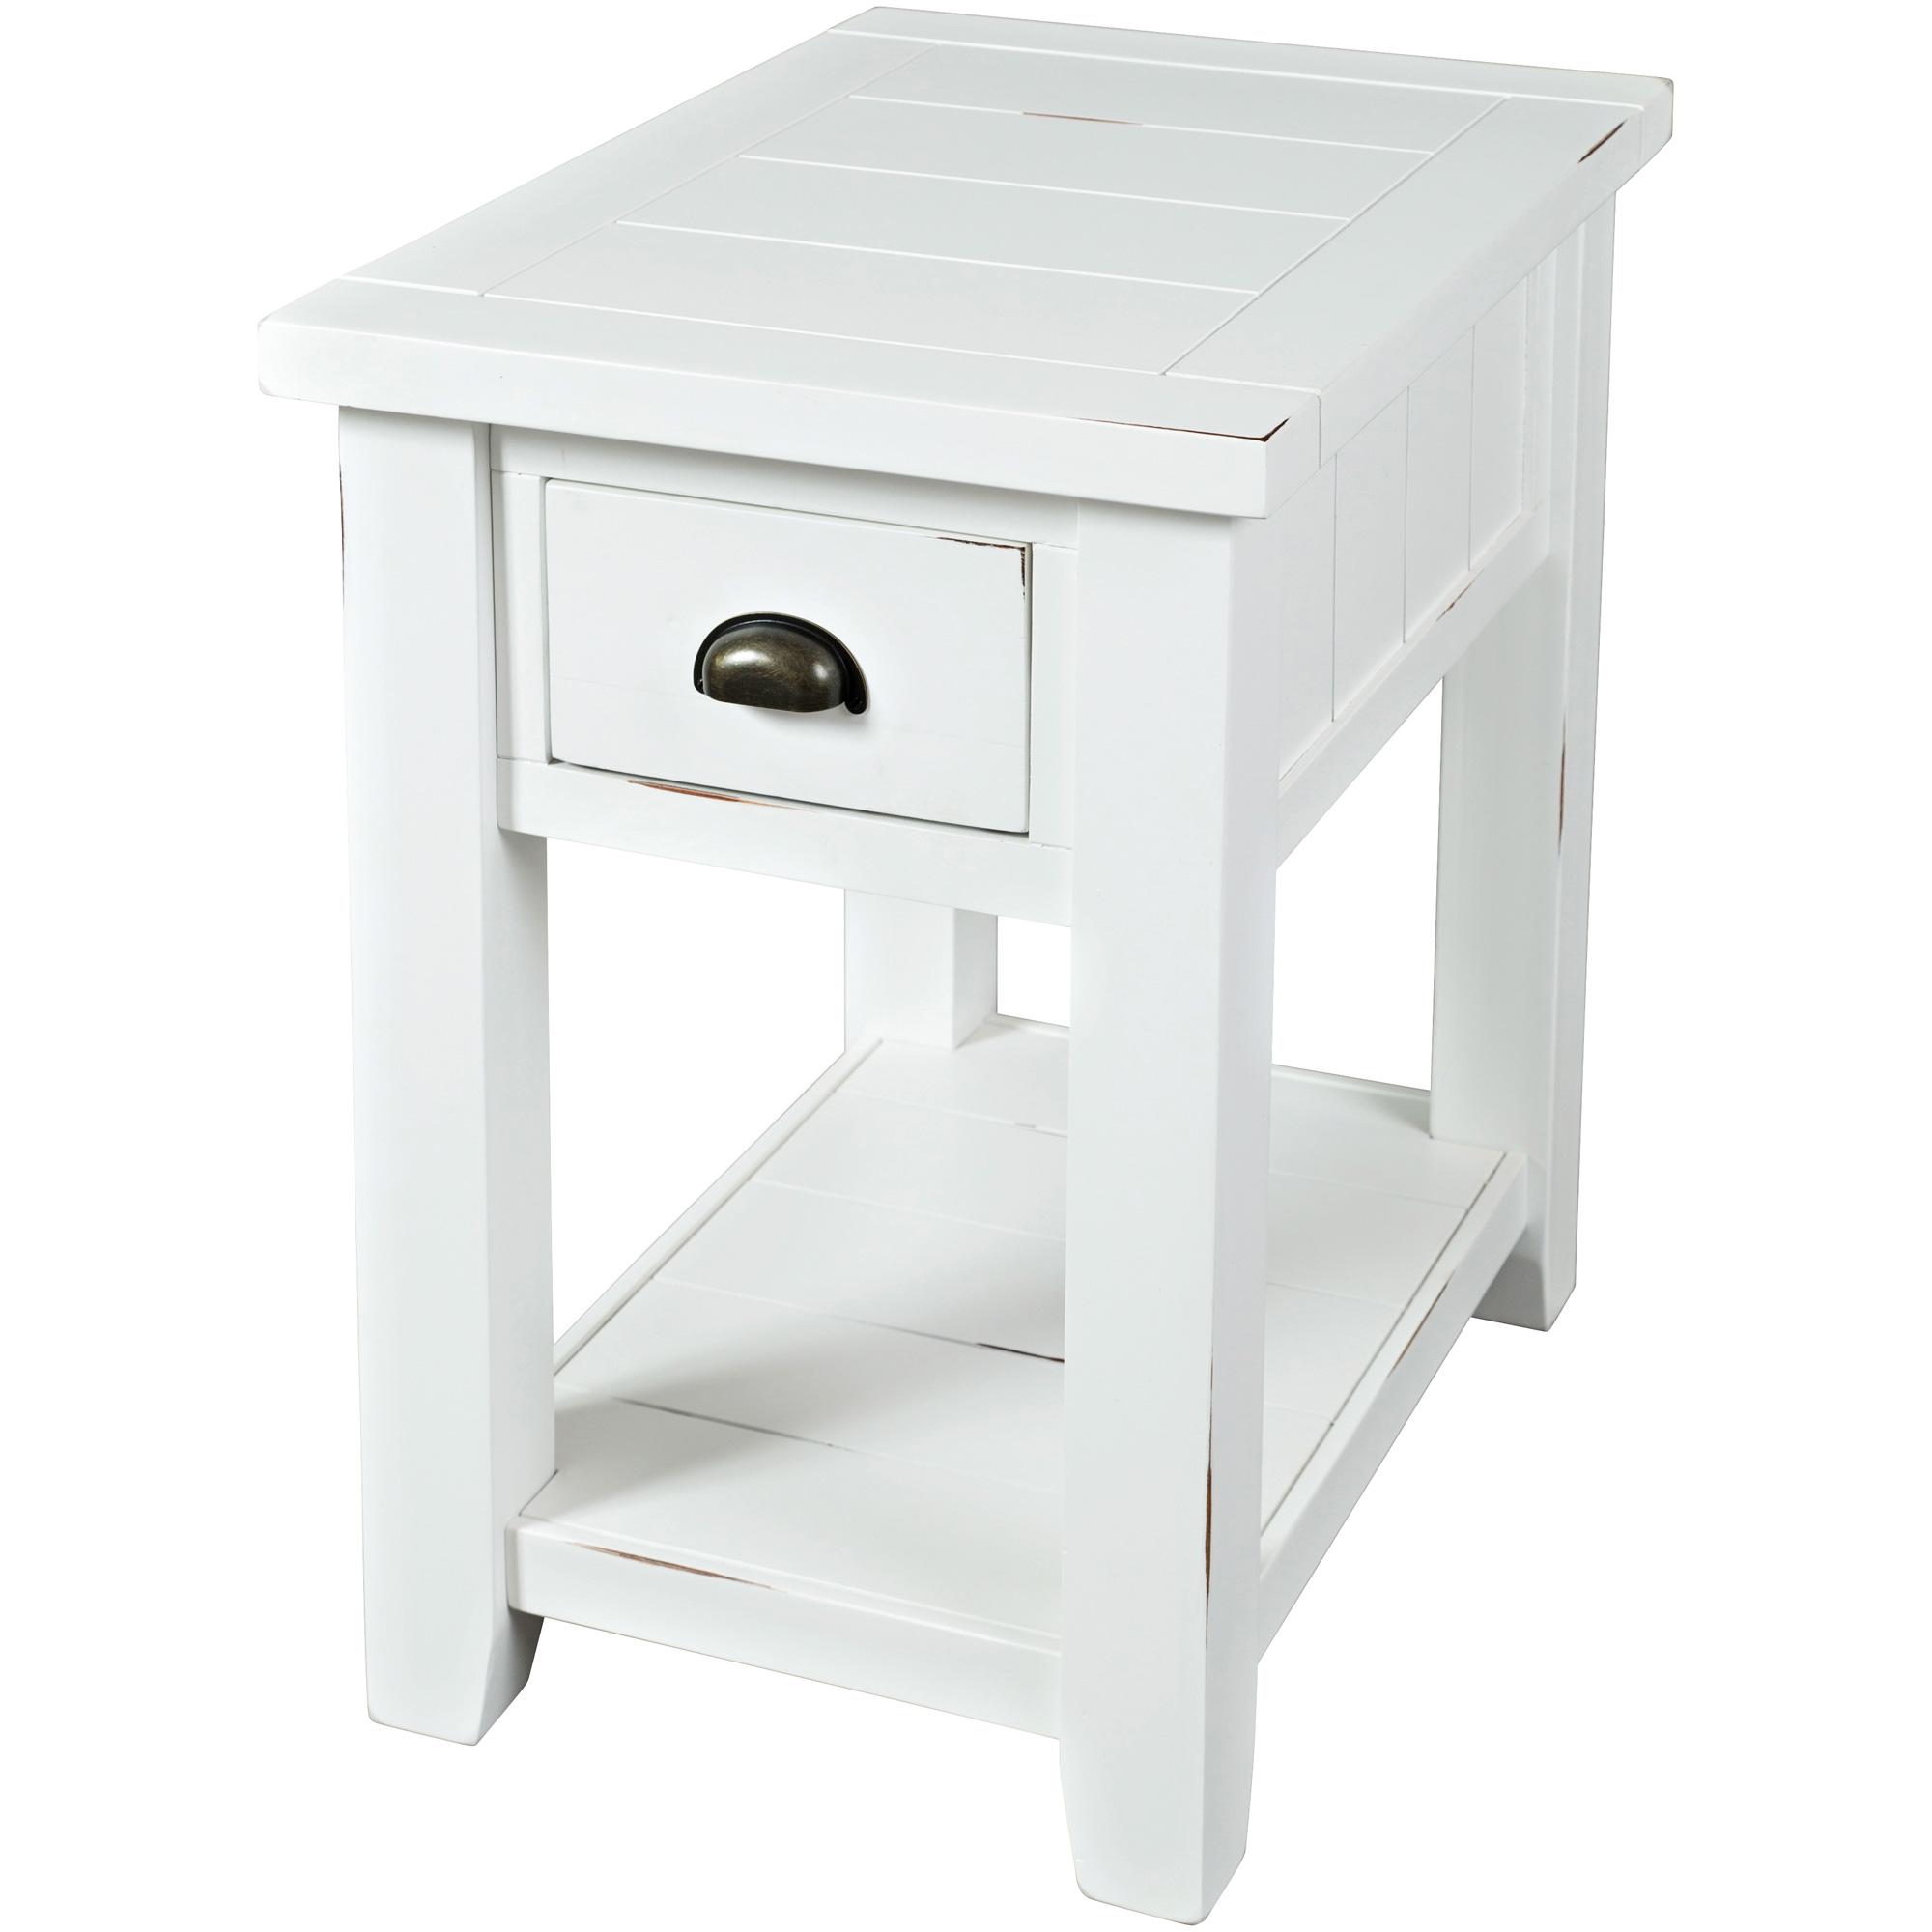 Jofran | Artisans Craft White Chairside Table